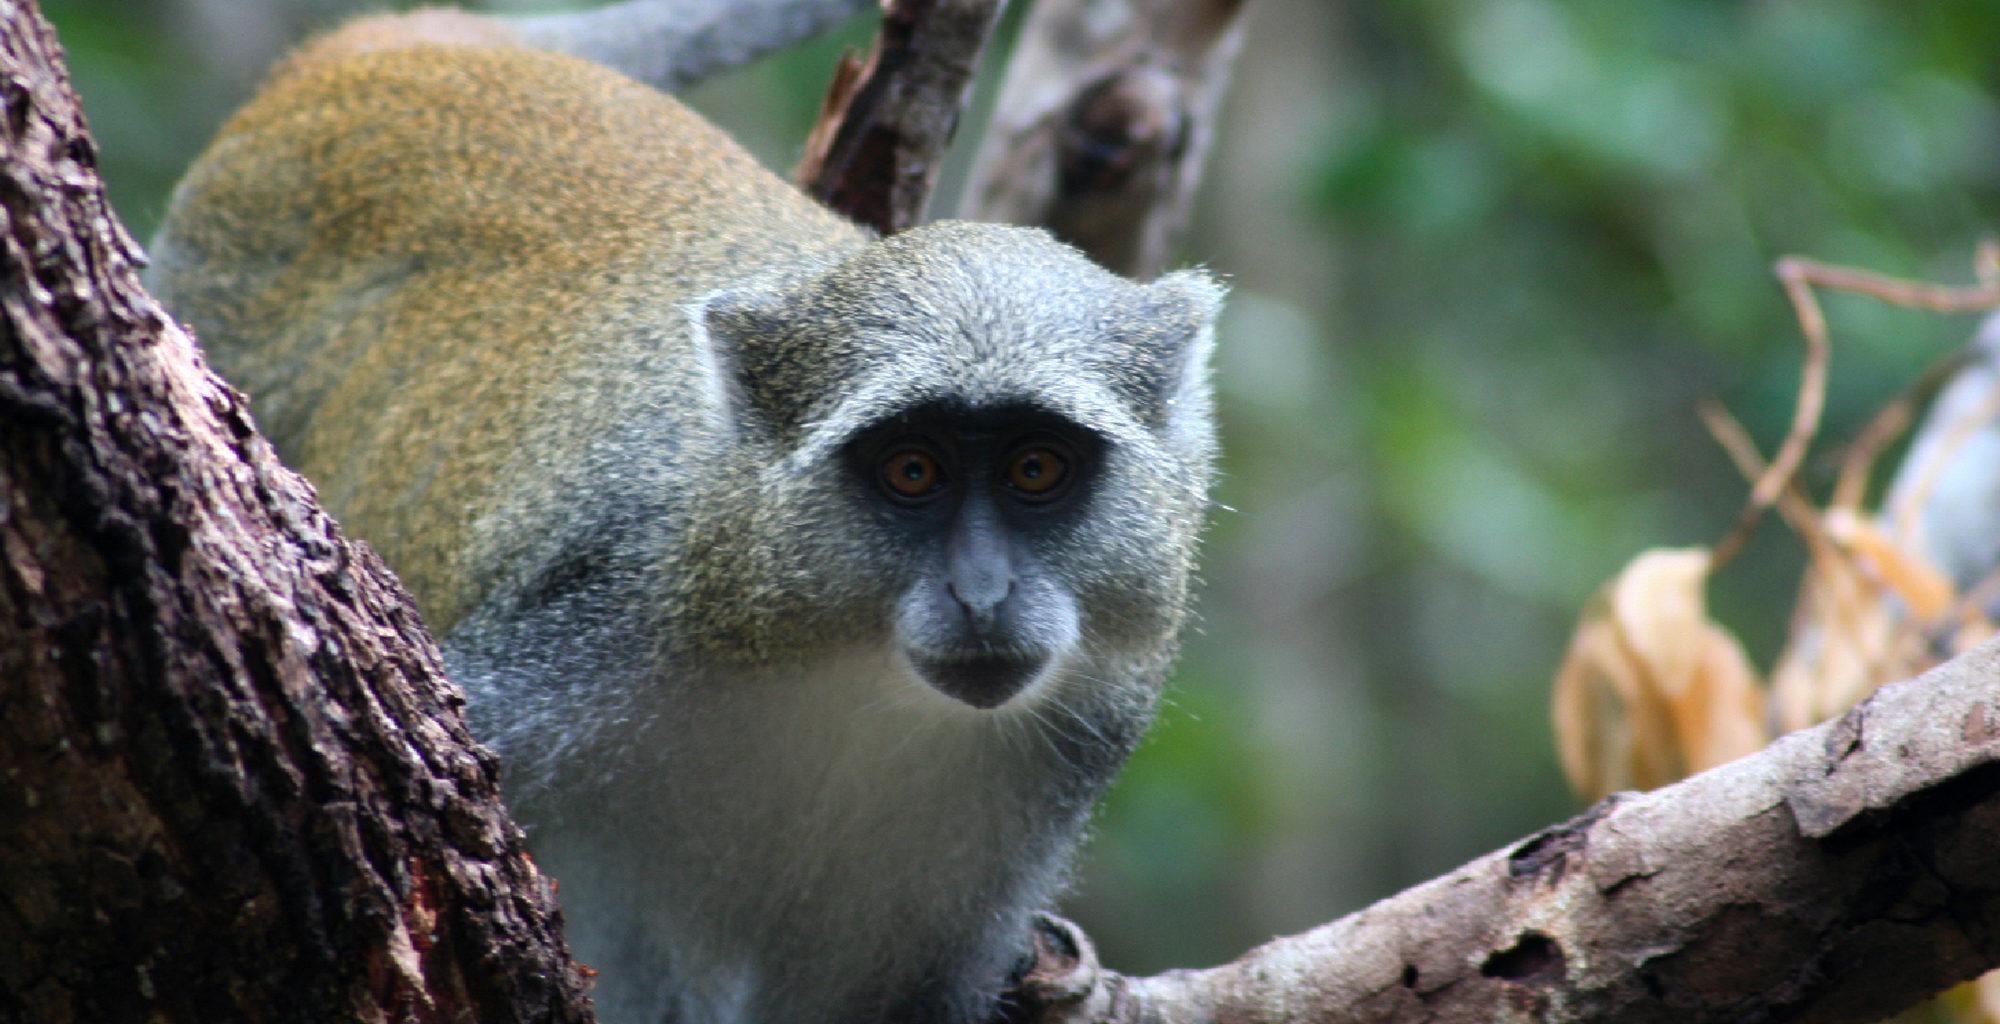 Mozambique-Quirimbas-Archipelago-Wildlife-Samango-Monkey